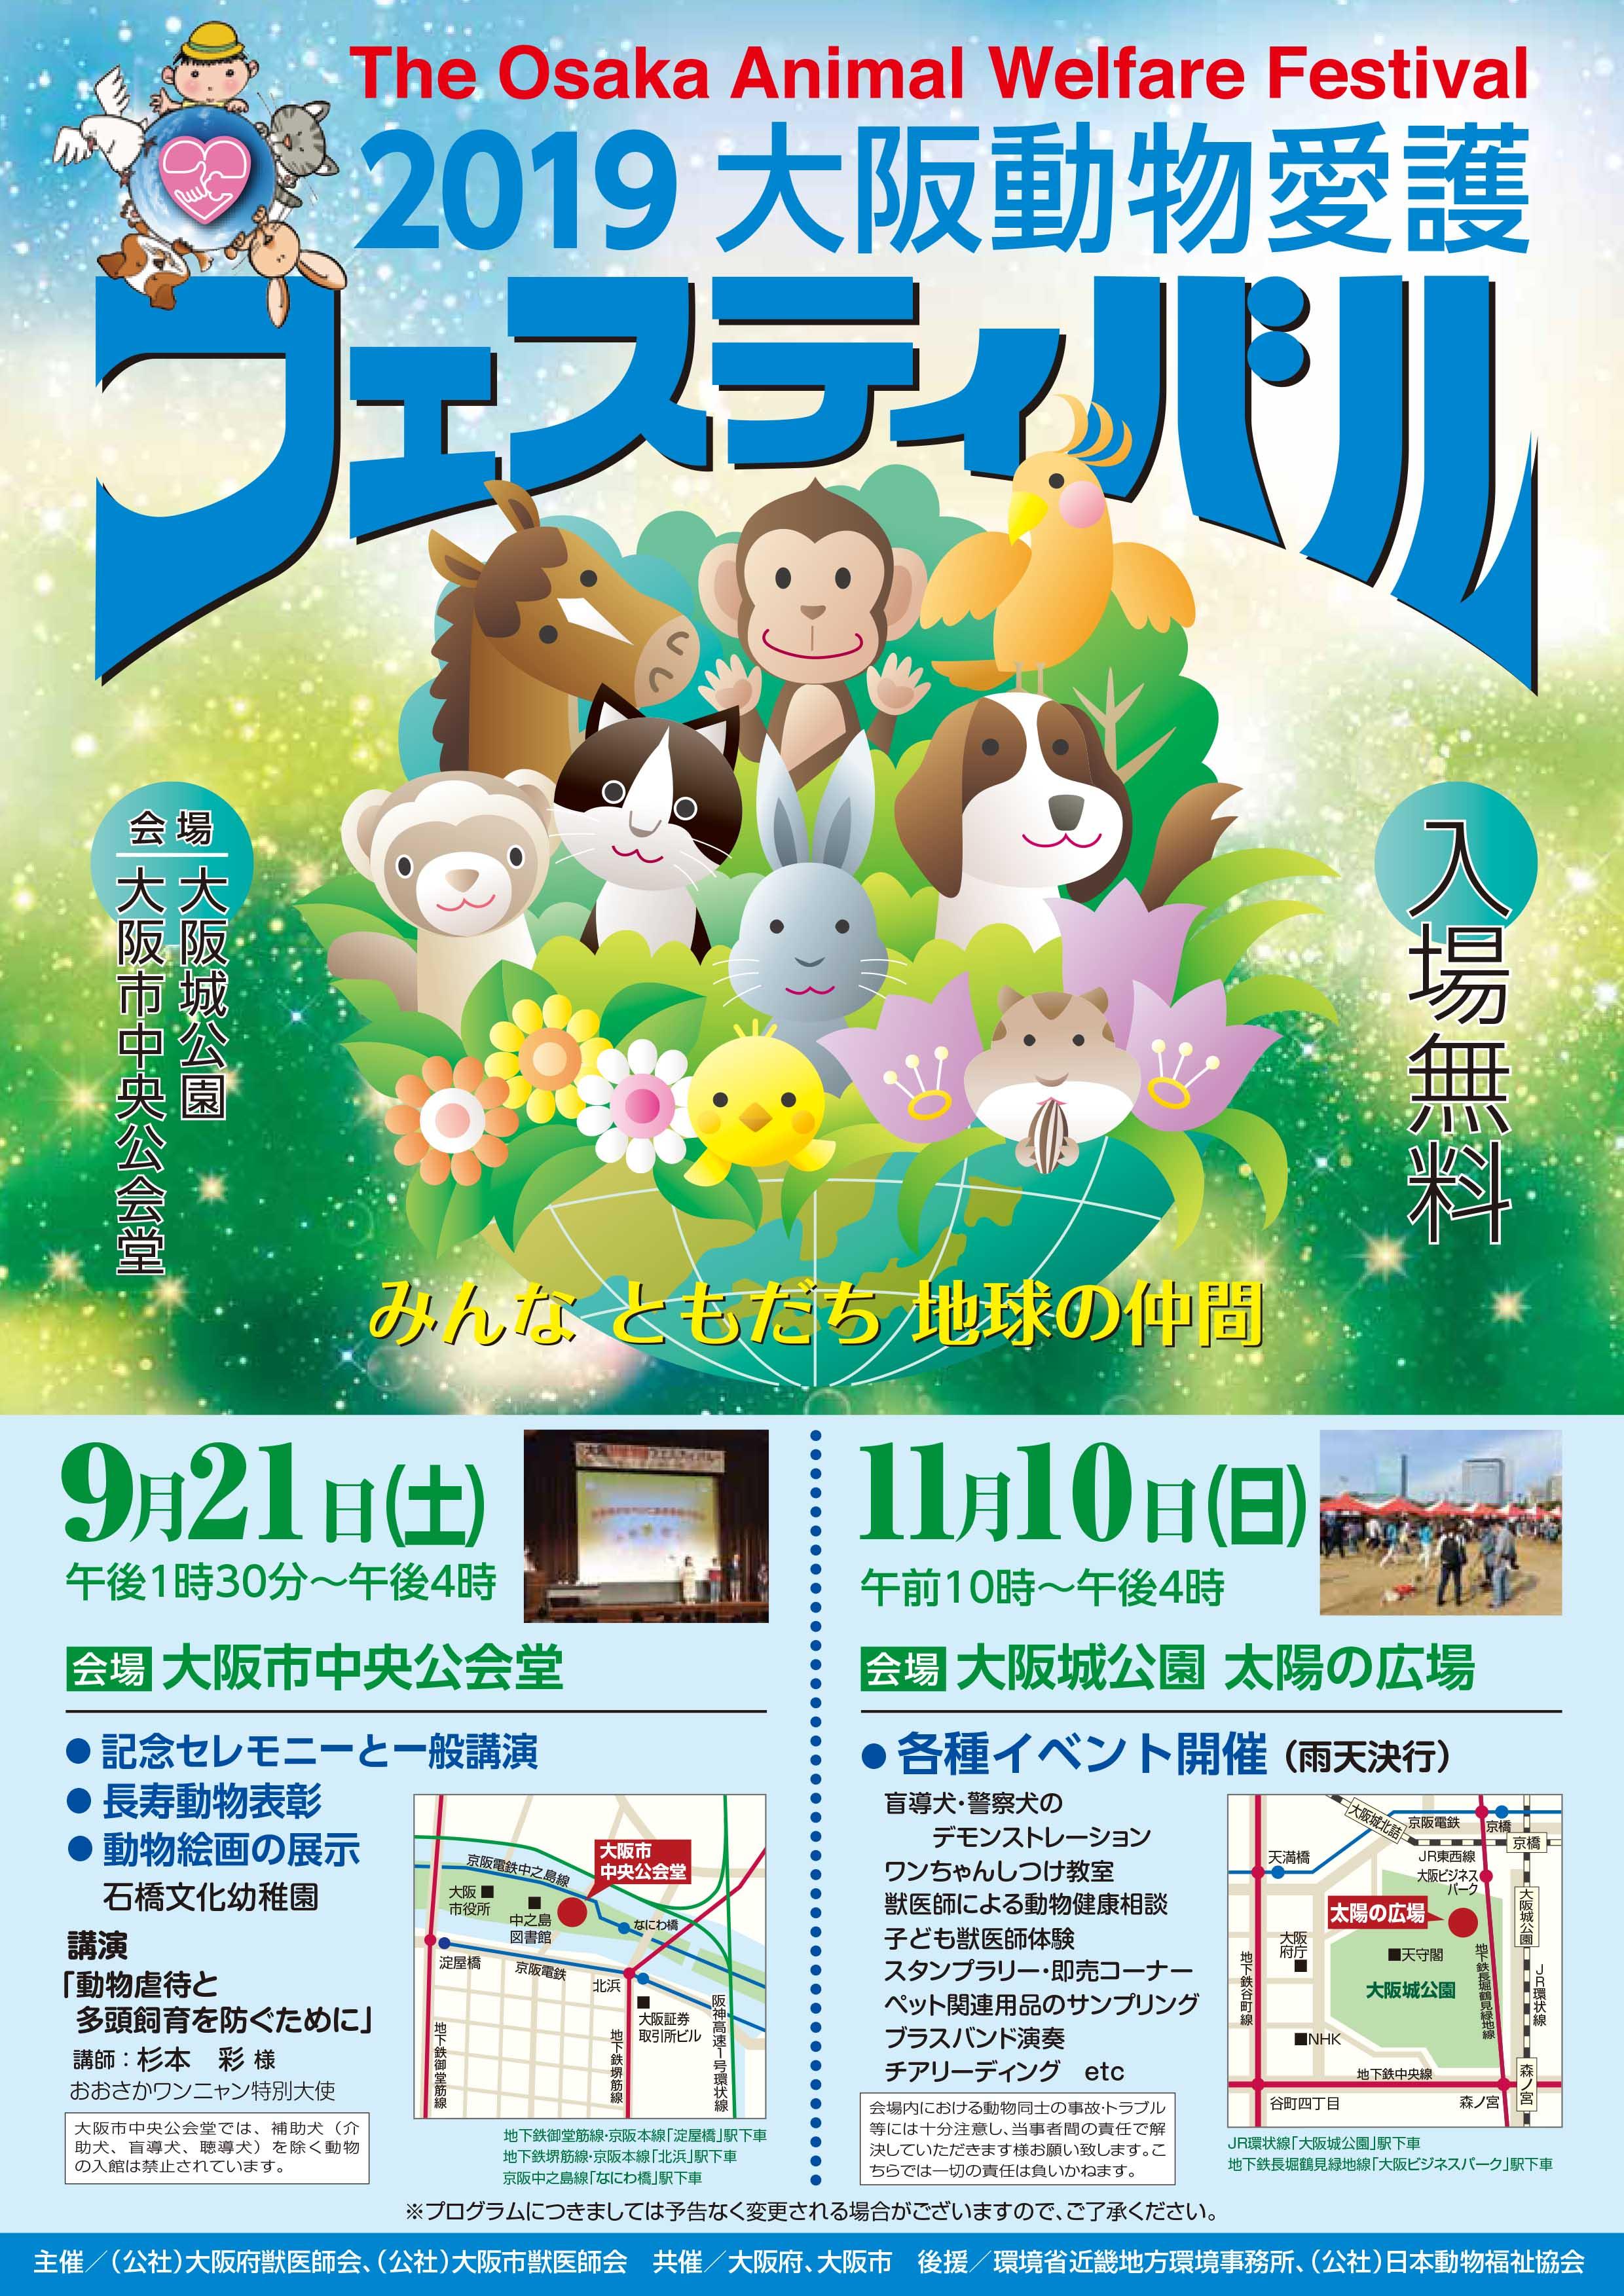 大阪動物愛護フェスティバル2019